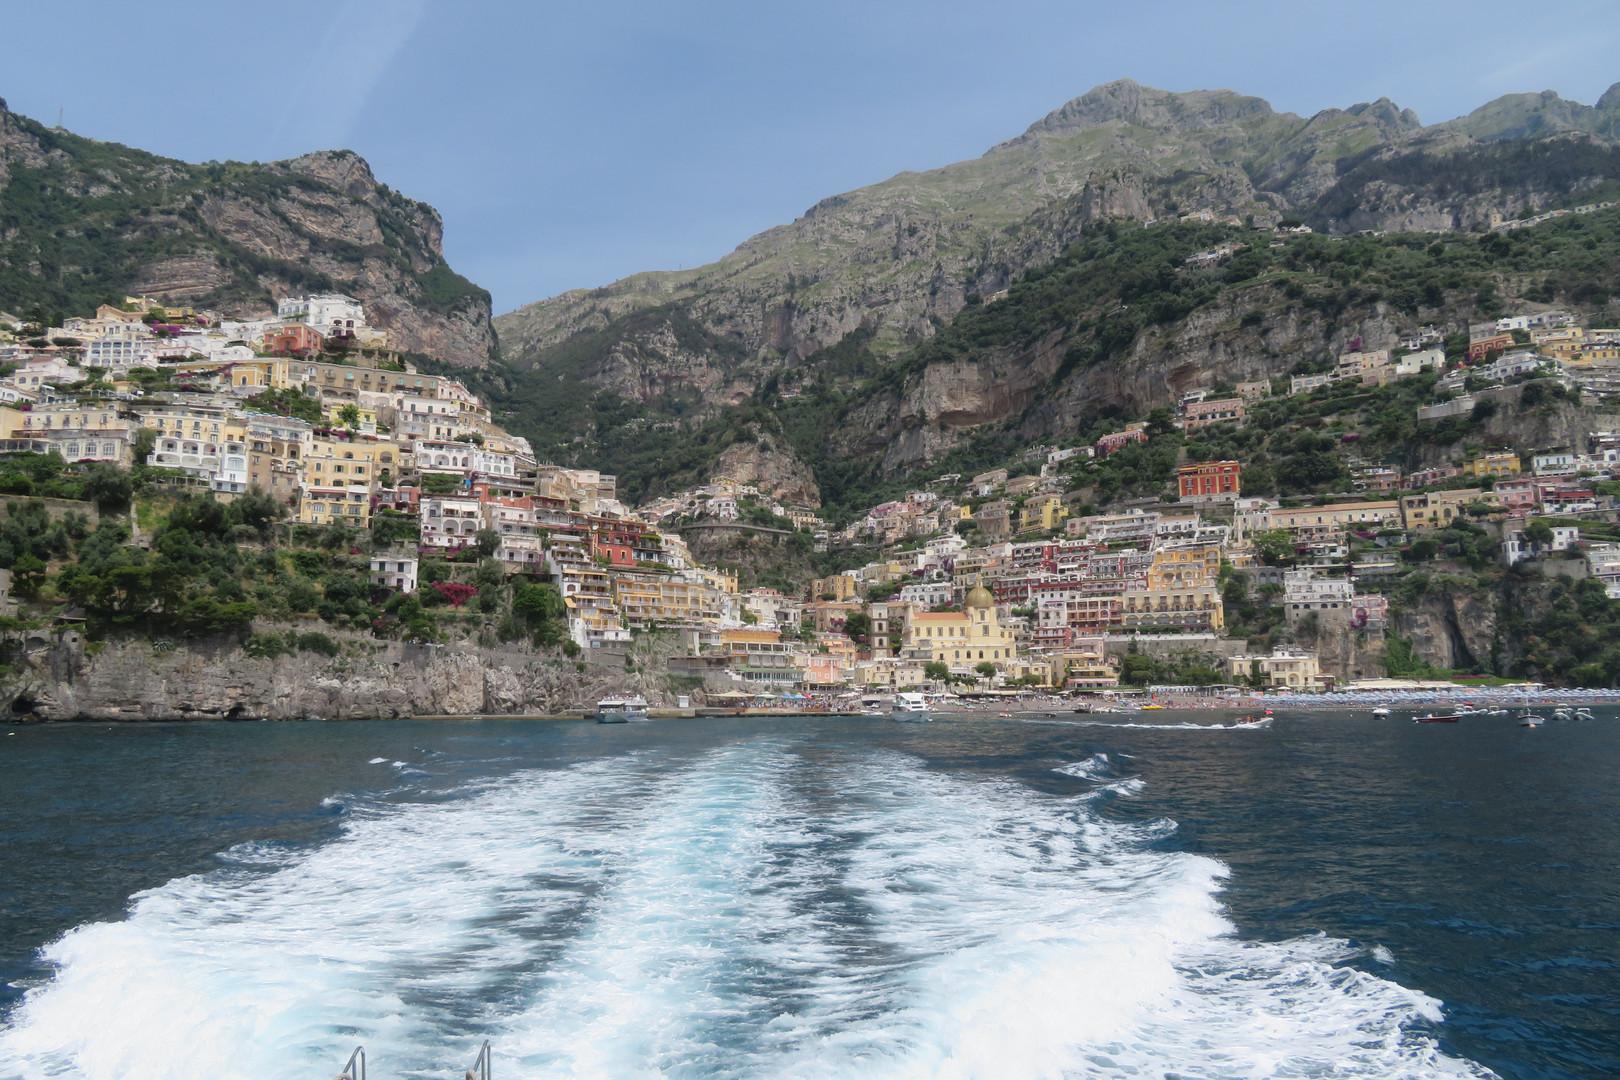 Positano ferry to Amalfi Italy 2018 IMG_3337.JPG